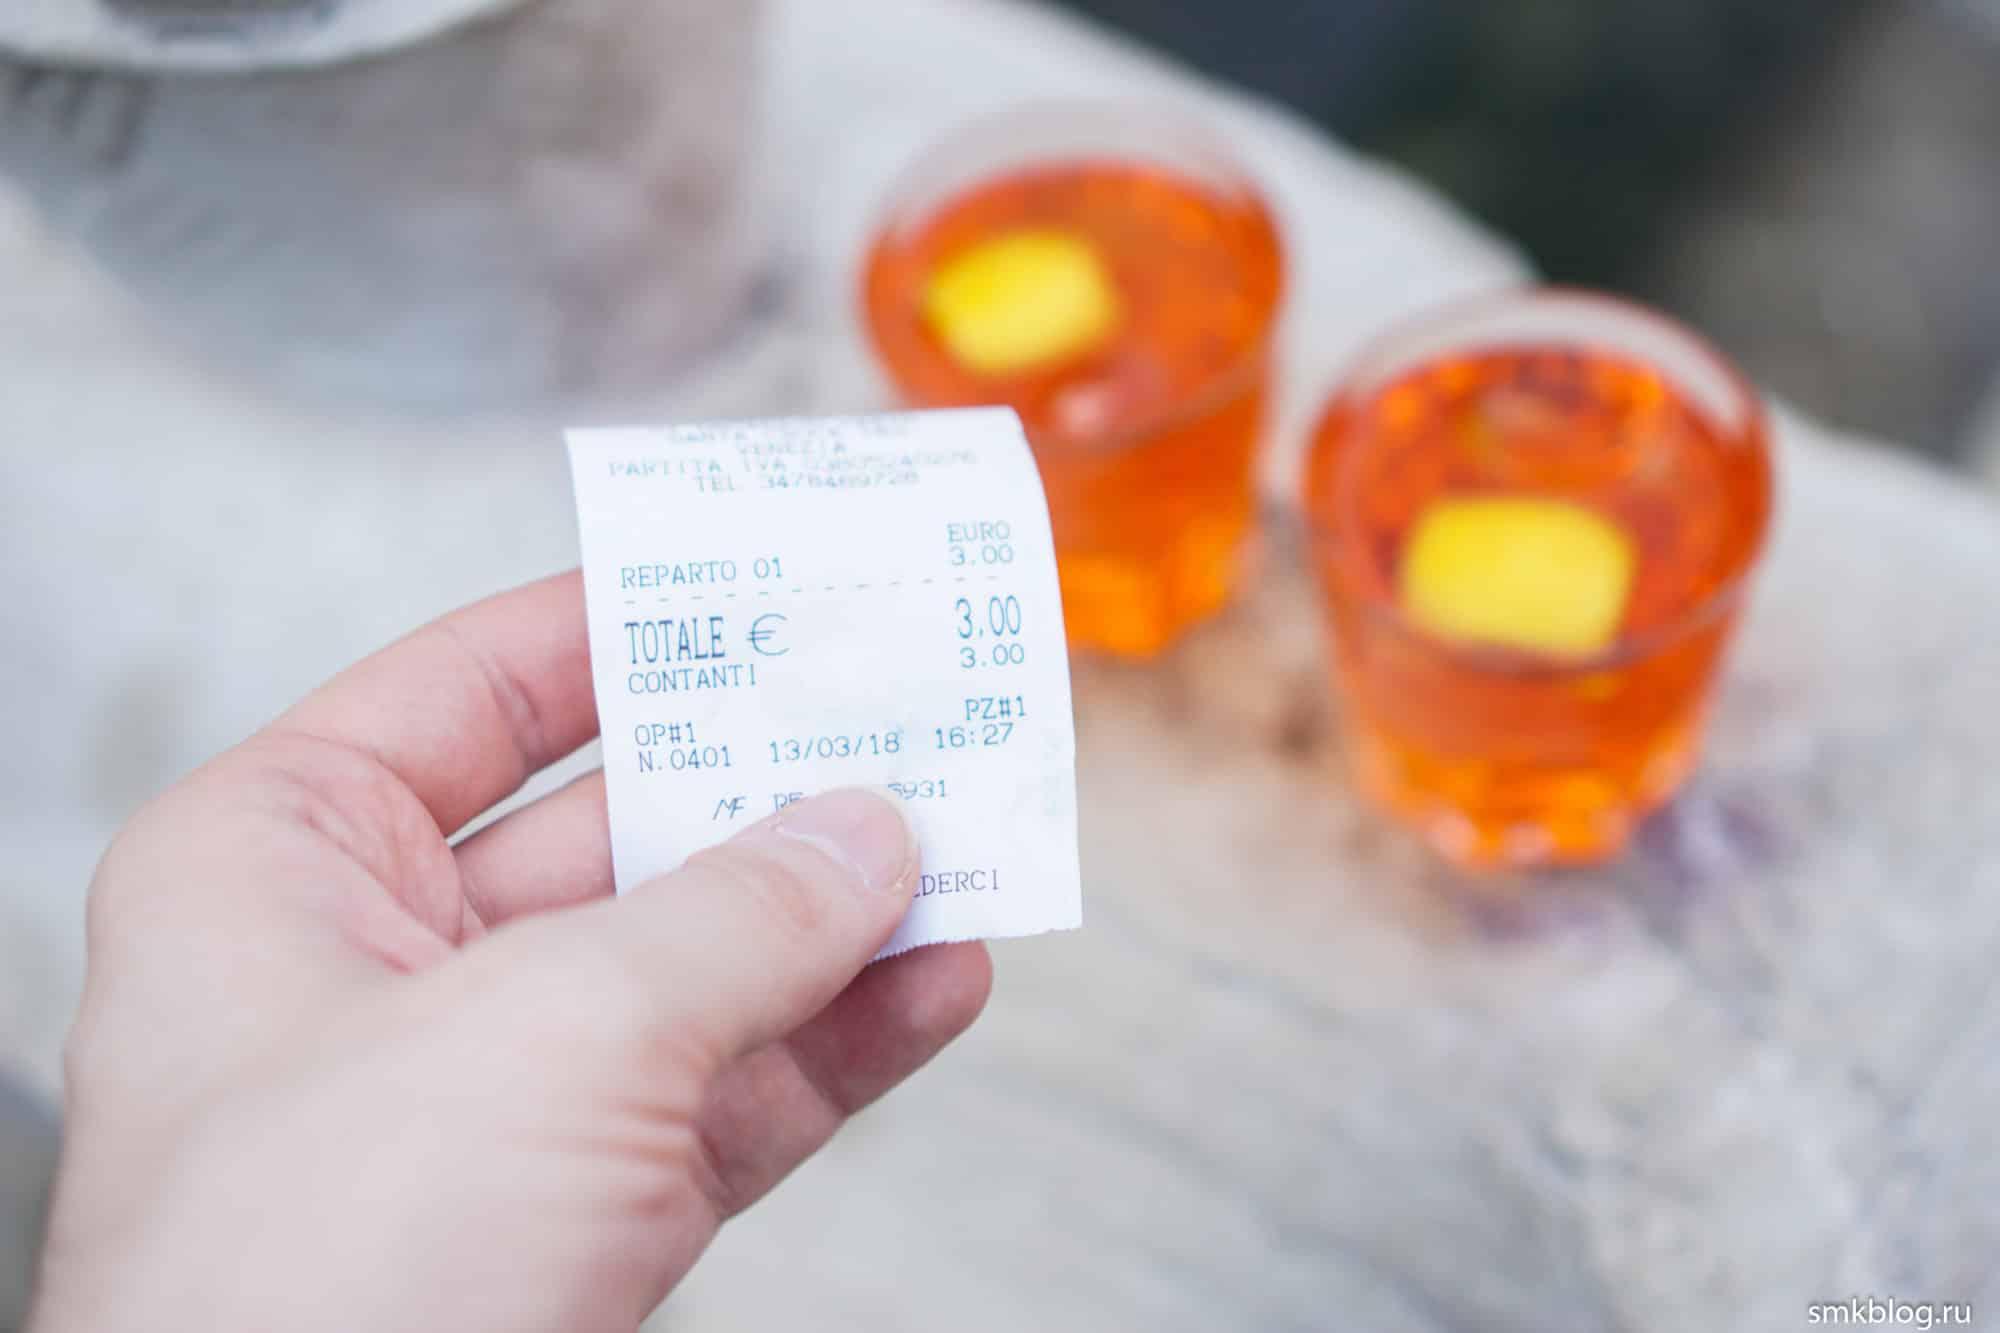 Как недорого поесть и выпить в Венеции. Самый дешевый бар.